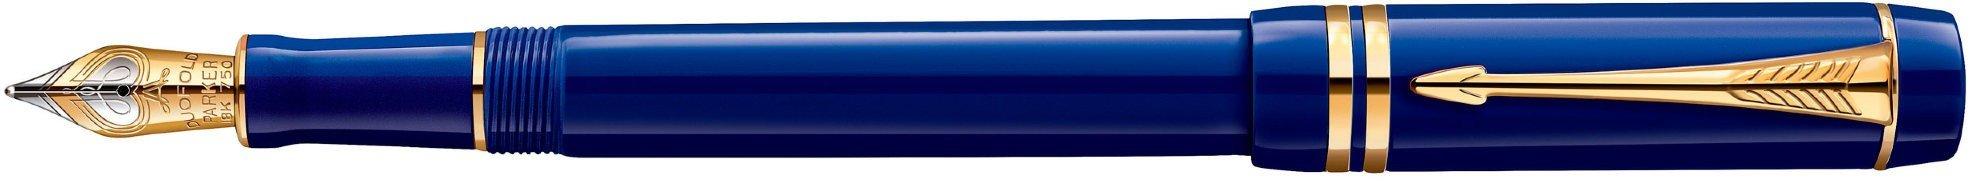 Перьевая ручка Parker Duofold Historical Colors Centennial F77, Lapis Lasuli GT в Воронеже